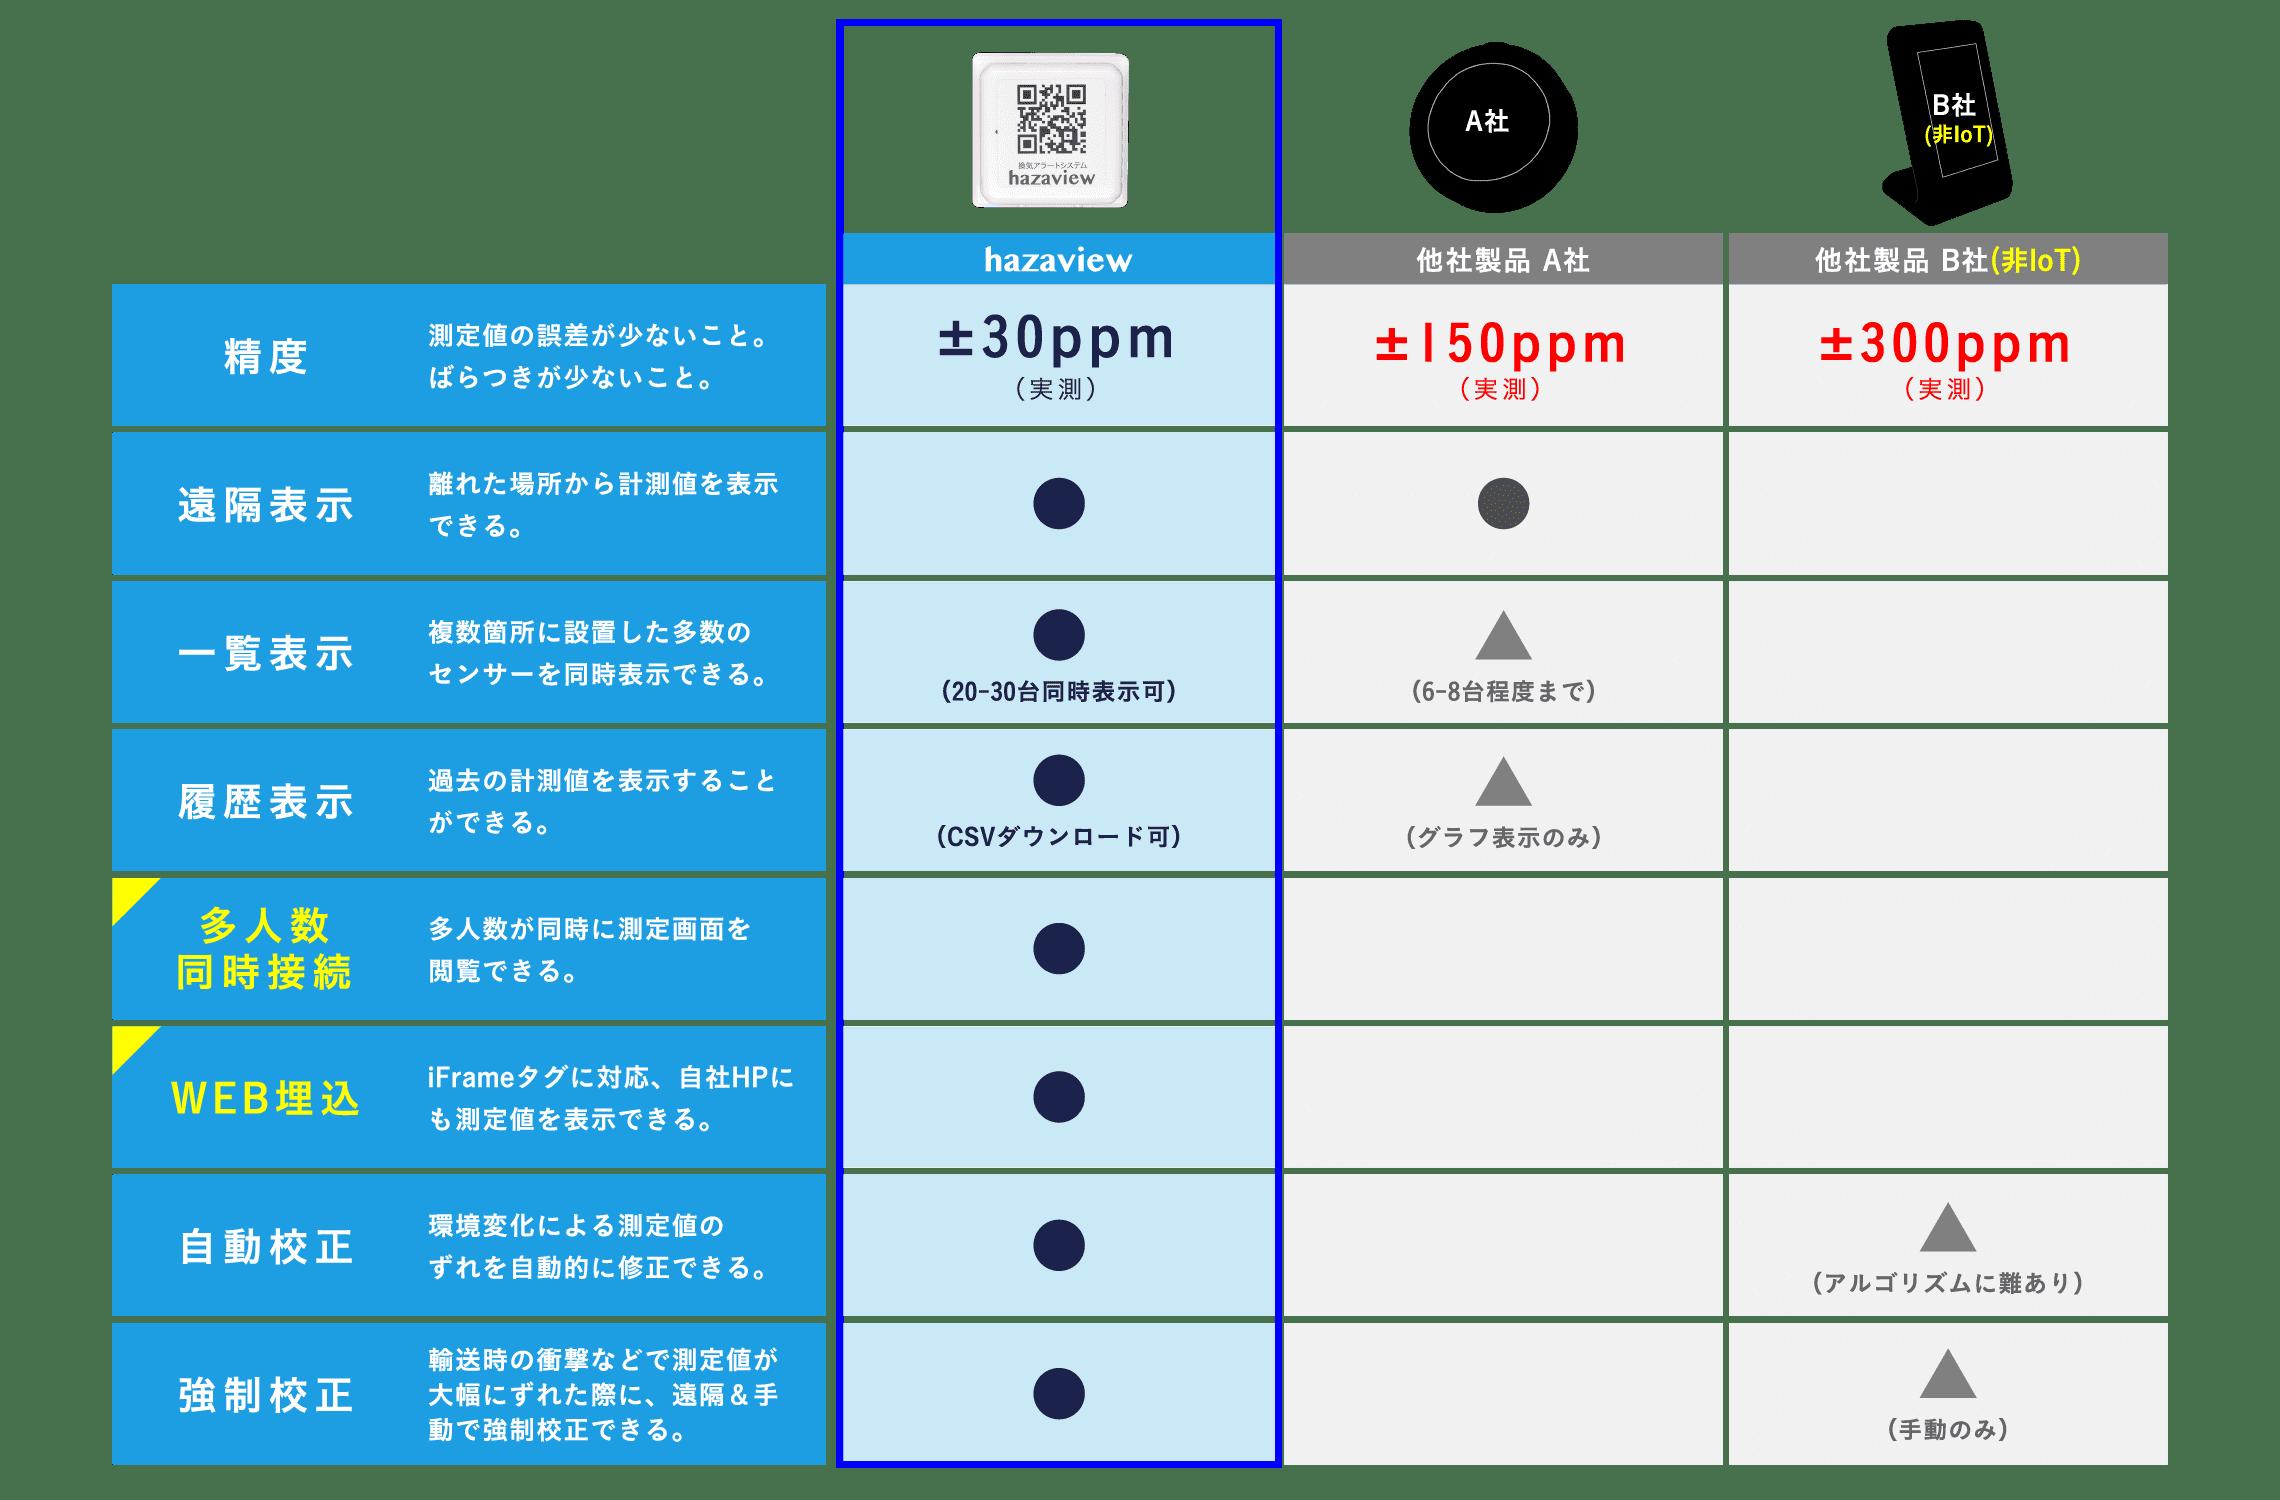 hazaview比較表